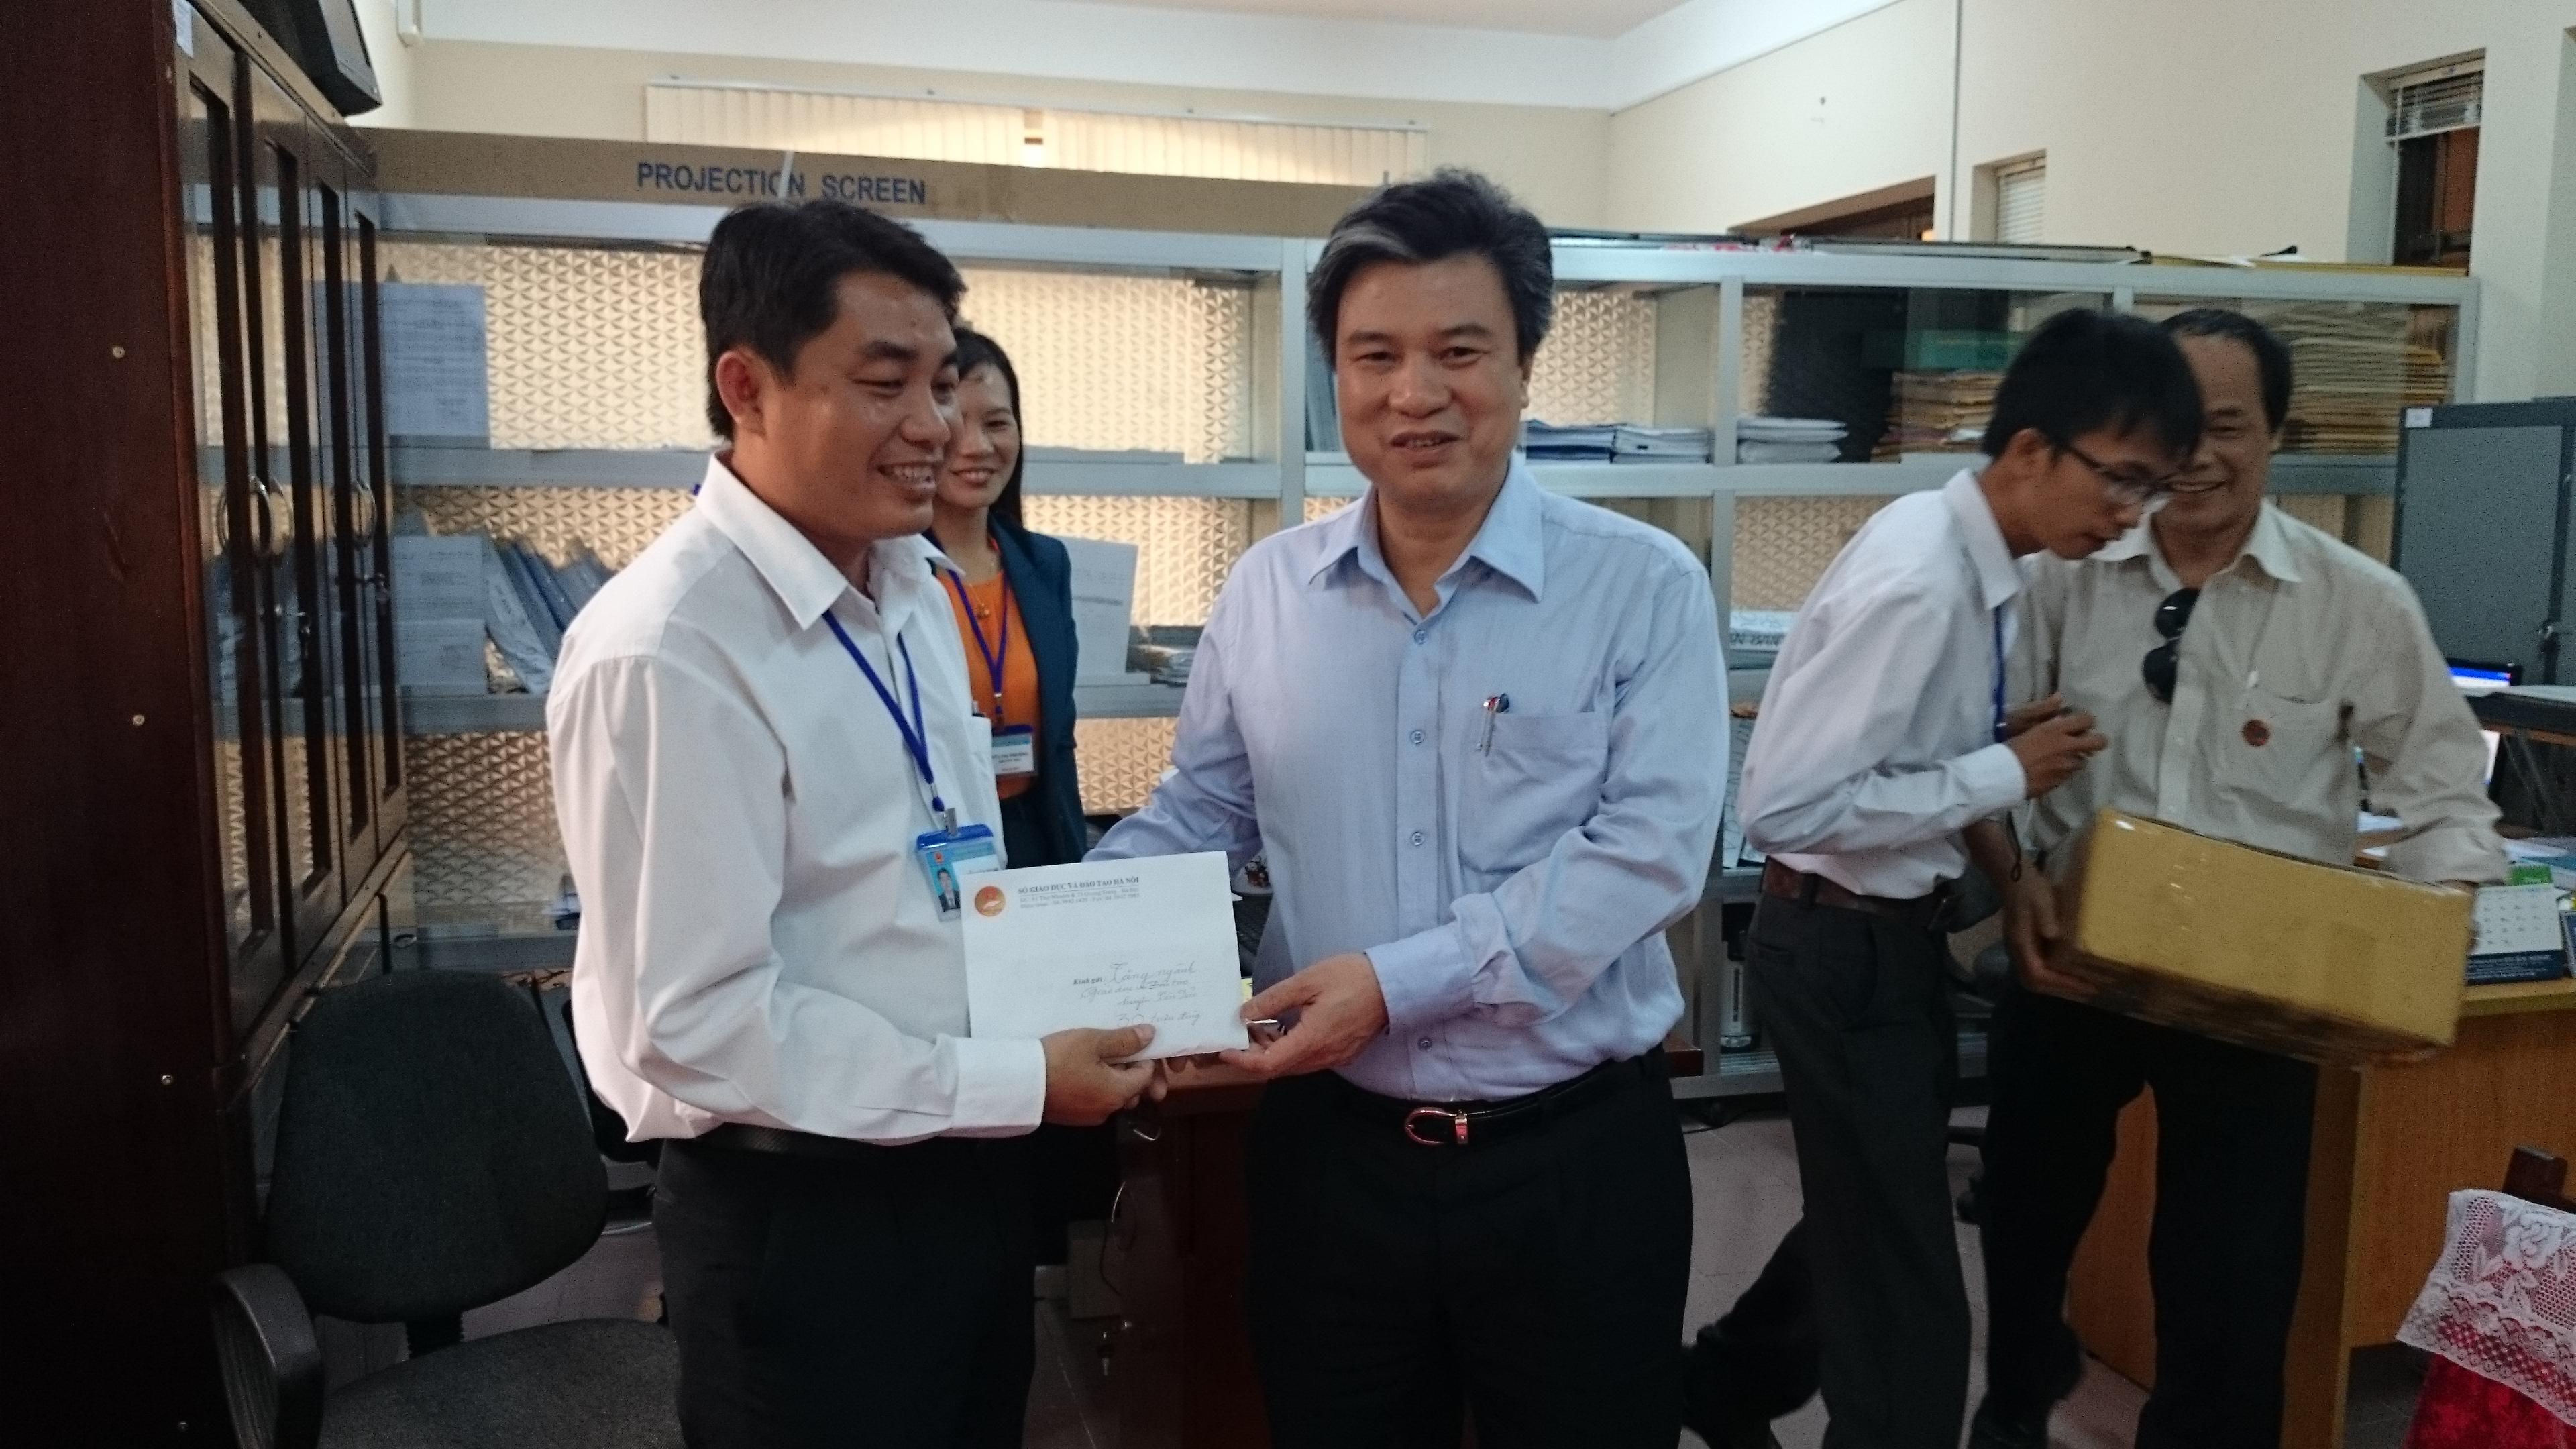 Đoàn công tác của Sở GD&ĐT Hà Nội làm việc với Sở GD&ĐT thành phố Hồ Chí Minh và Phòng GD&ĐT huyện Côn Đảo, Tỉnh Bà Rịa - Vũng Tàu